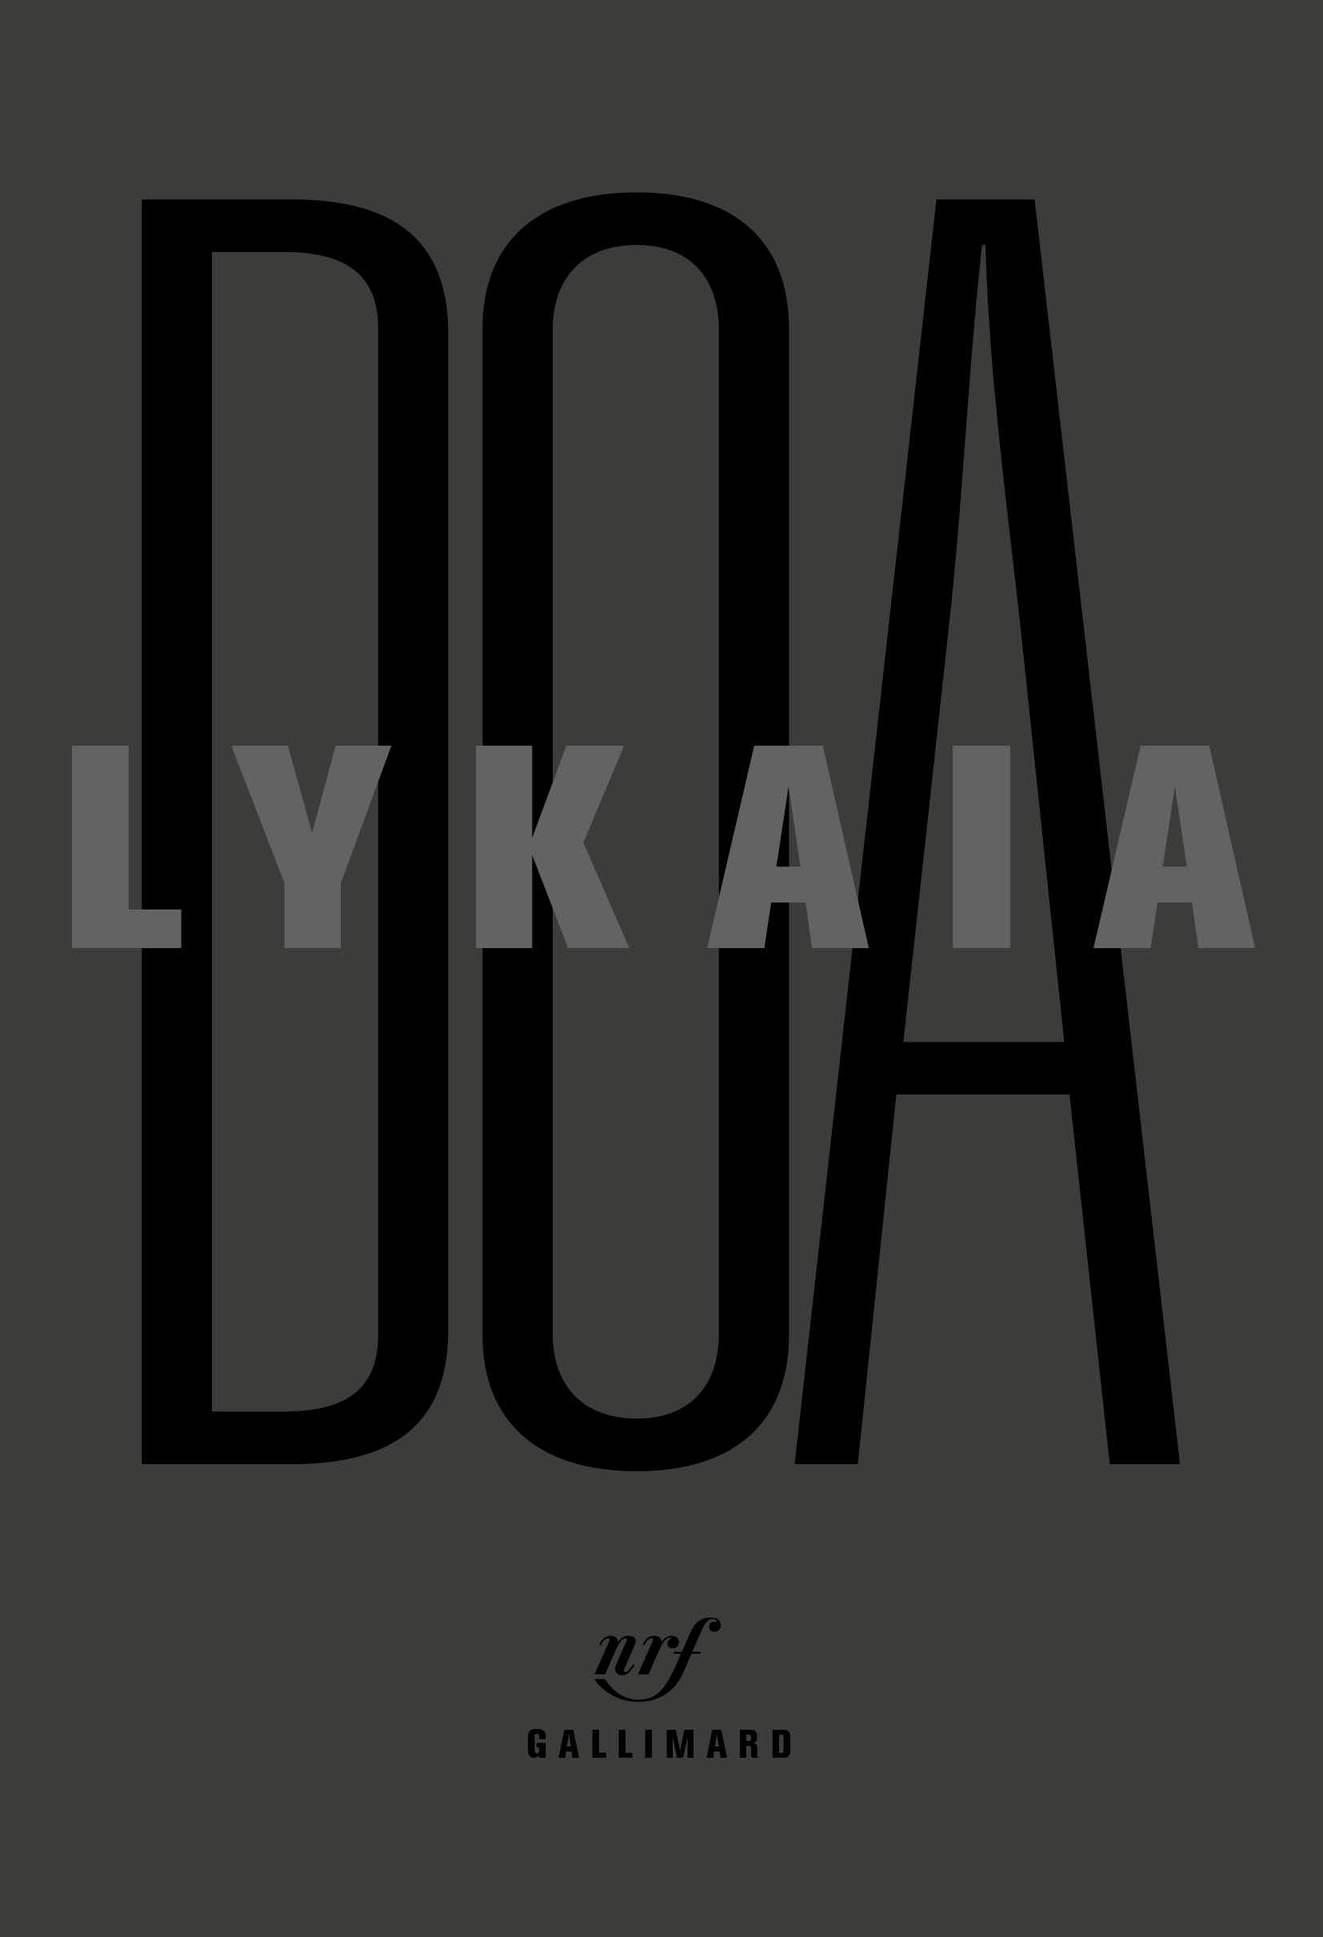 Lykaia | DOA,